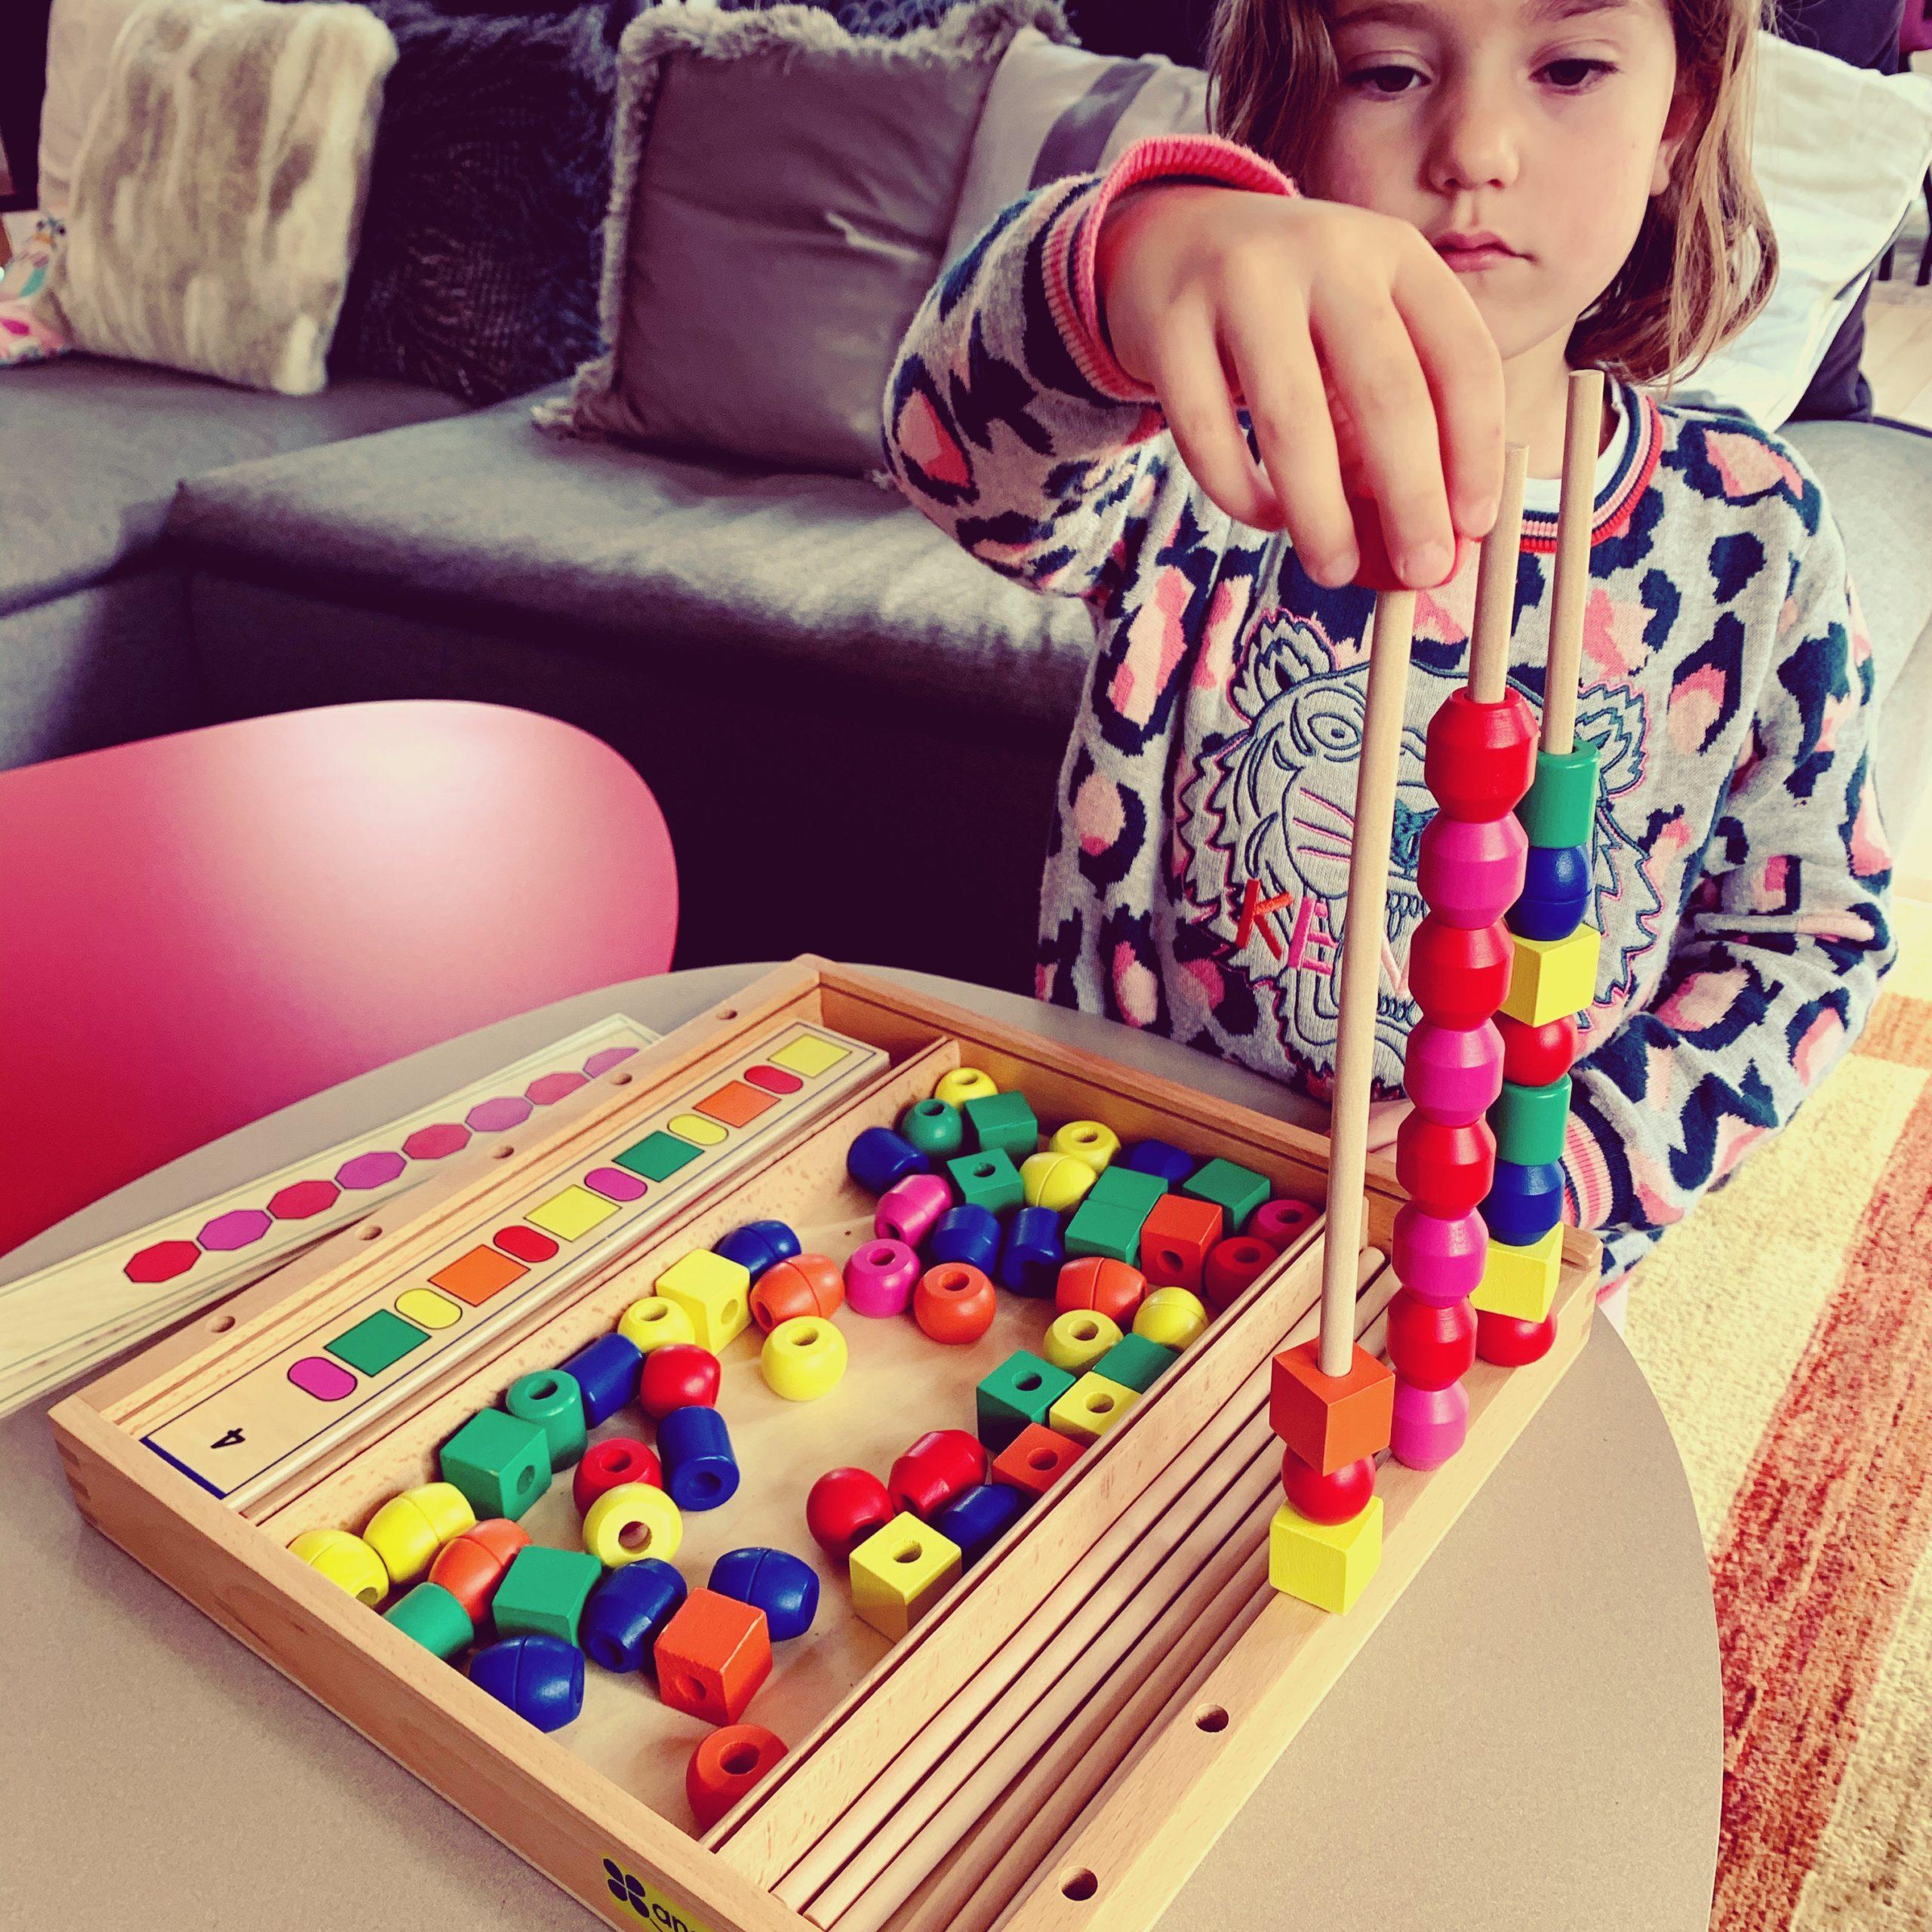 enfant jouant avec un jeu éducatif en bois